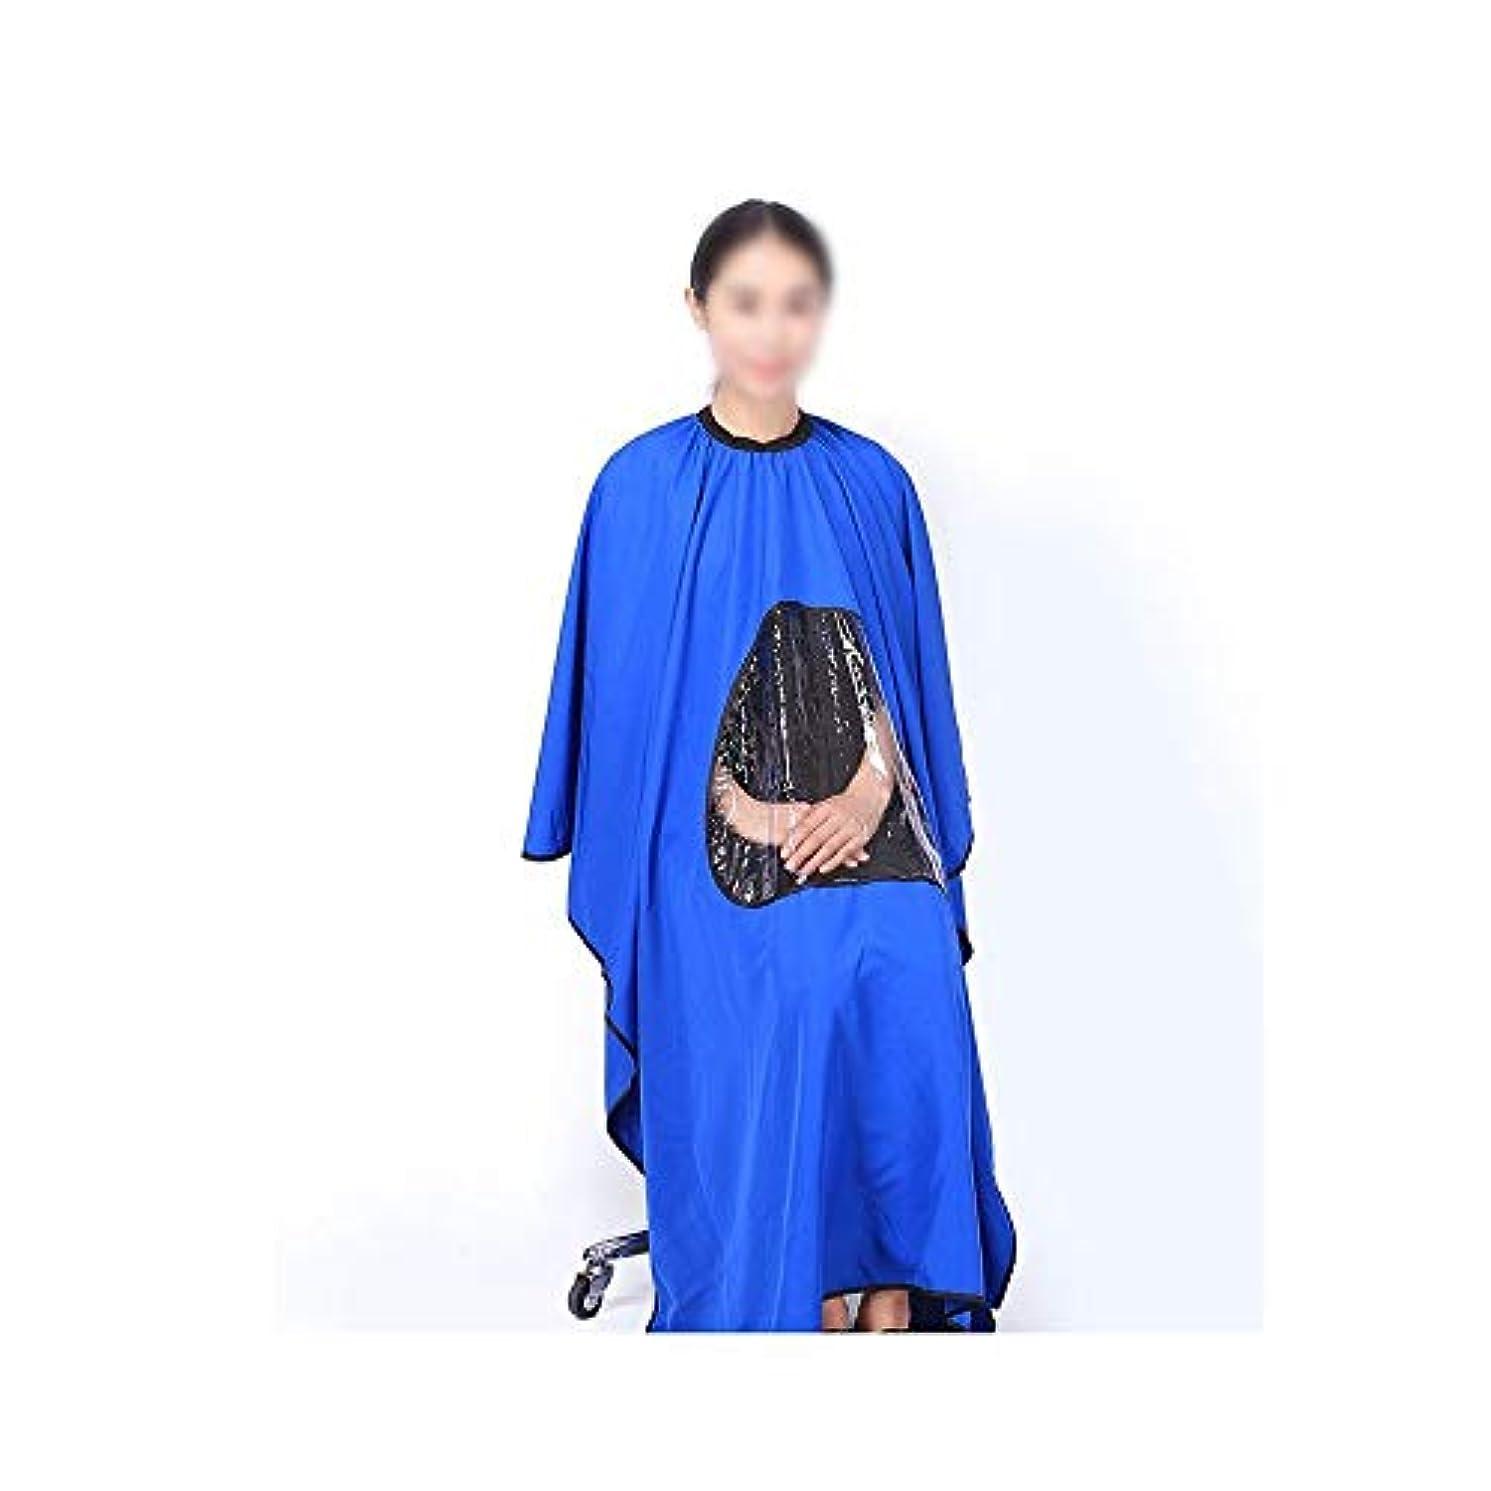 混乱した理論的変更可能黒い理髪ケープ布全身サロン髪カットガウン ヘアケア (色 : 青)